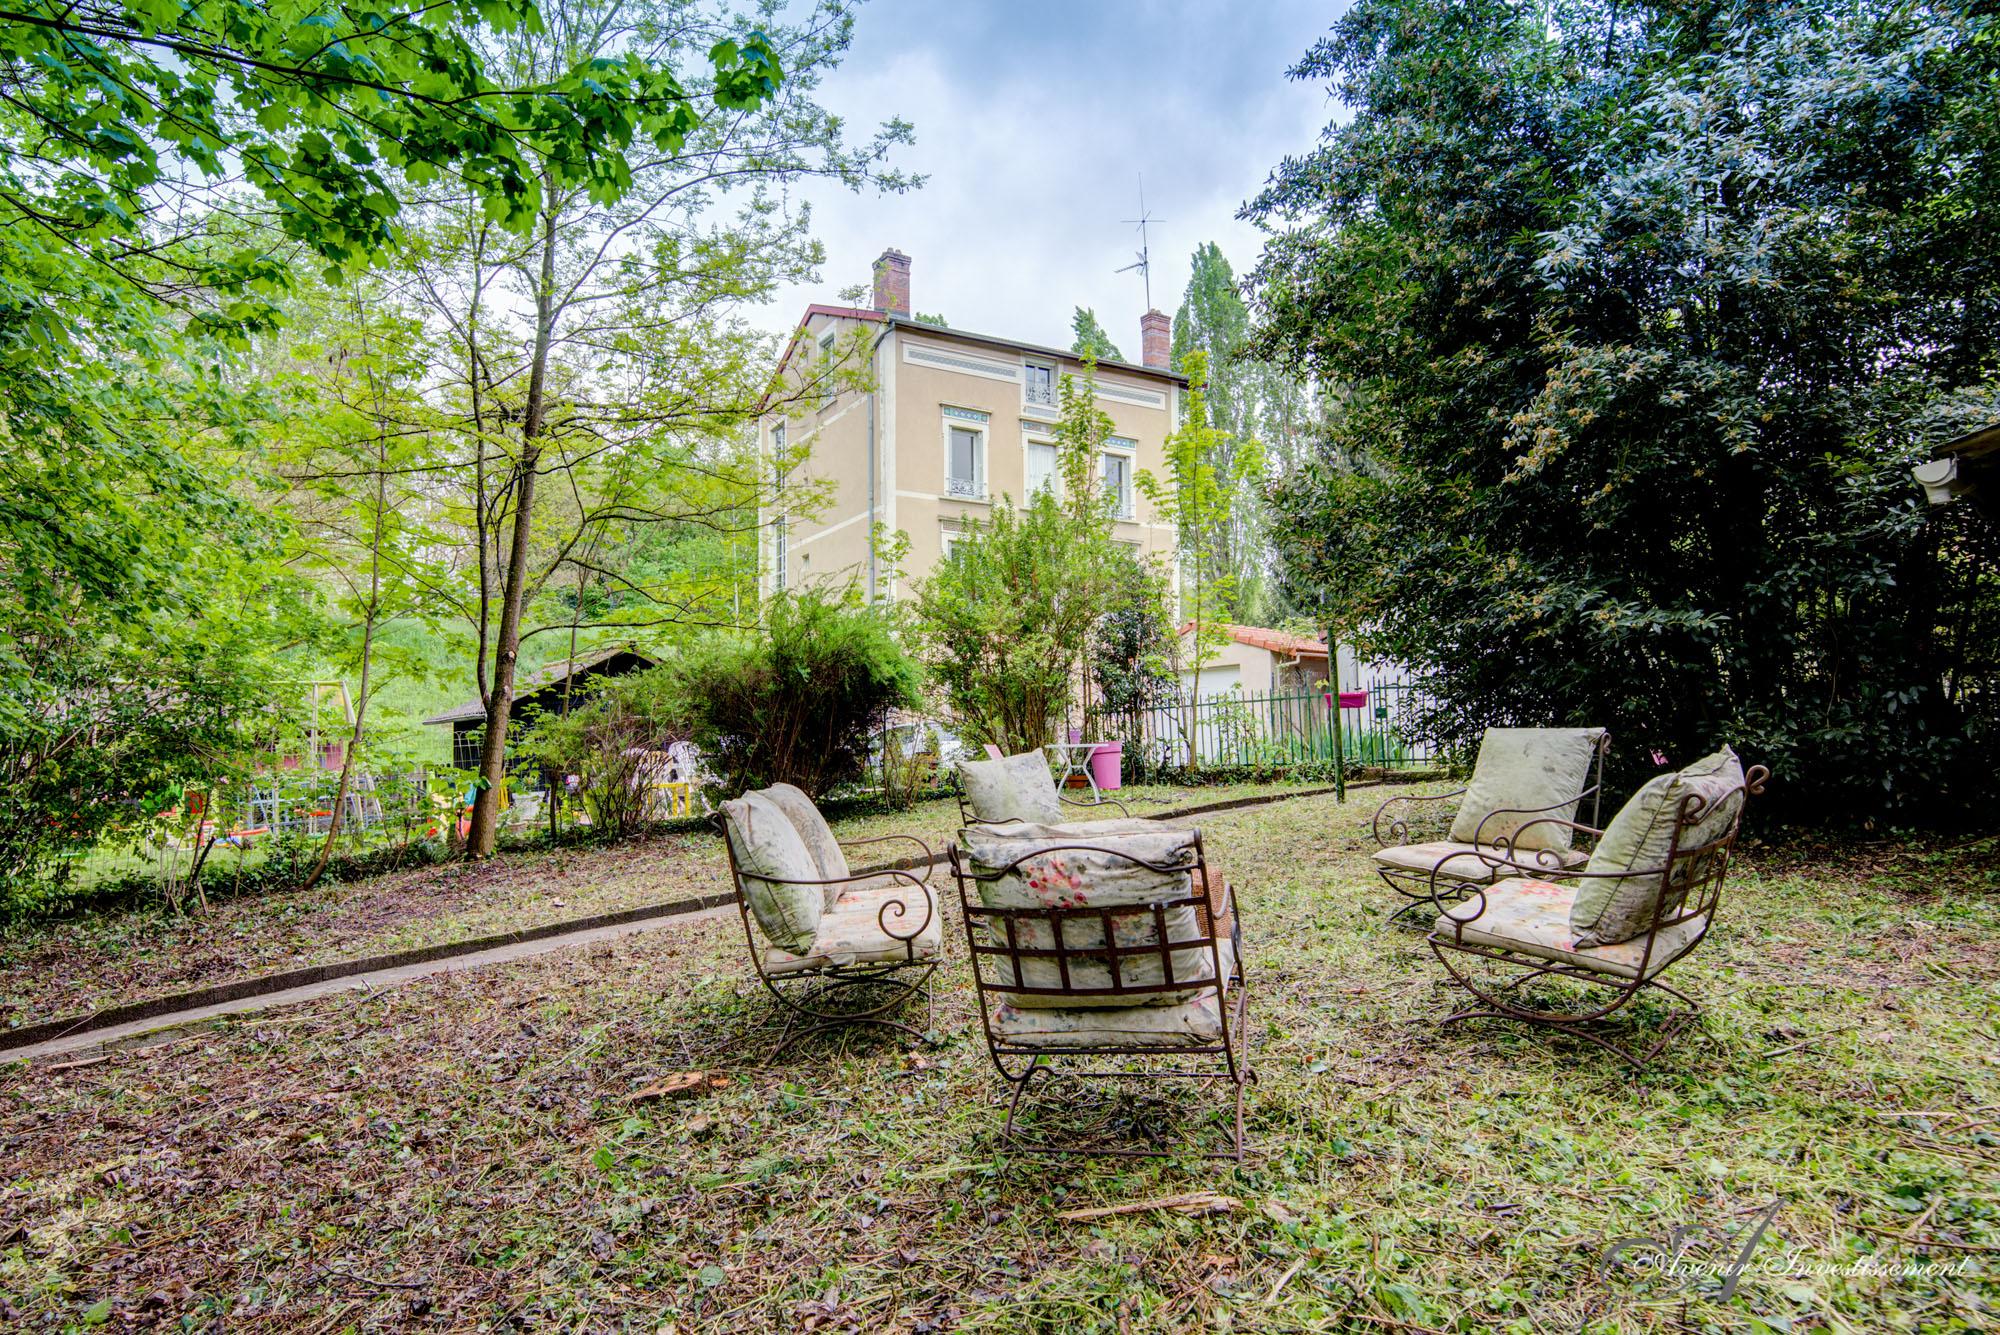 Ecully - Appartement T3 - 60 M2 - Jardinet 200 M2 Avec Abri Jardin 30 M2 concernant Abri De Jardin 30M2